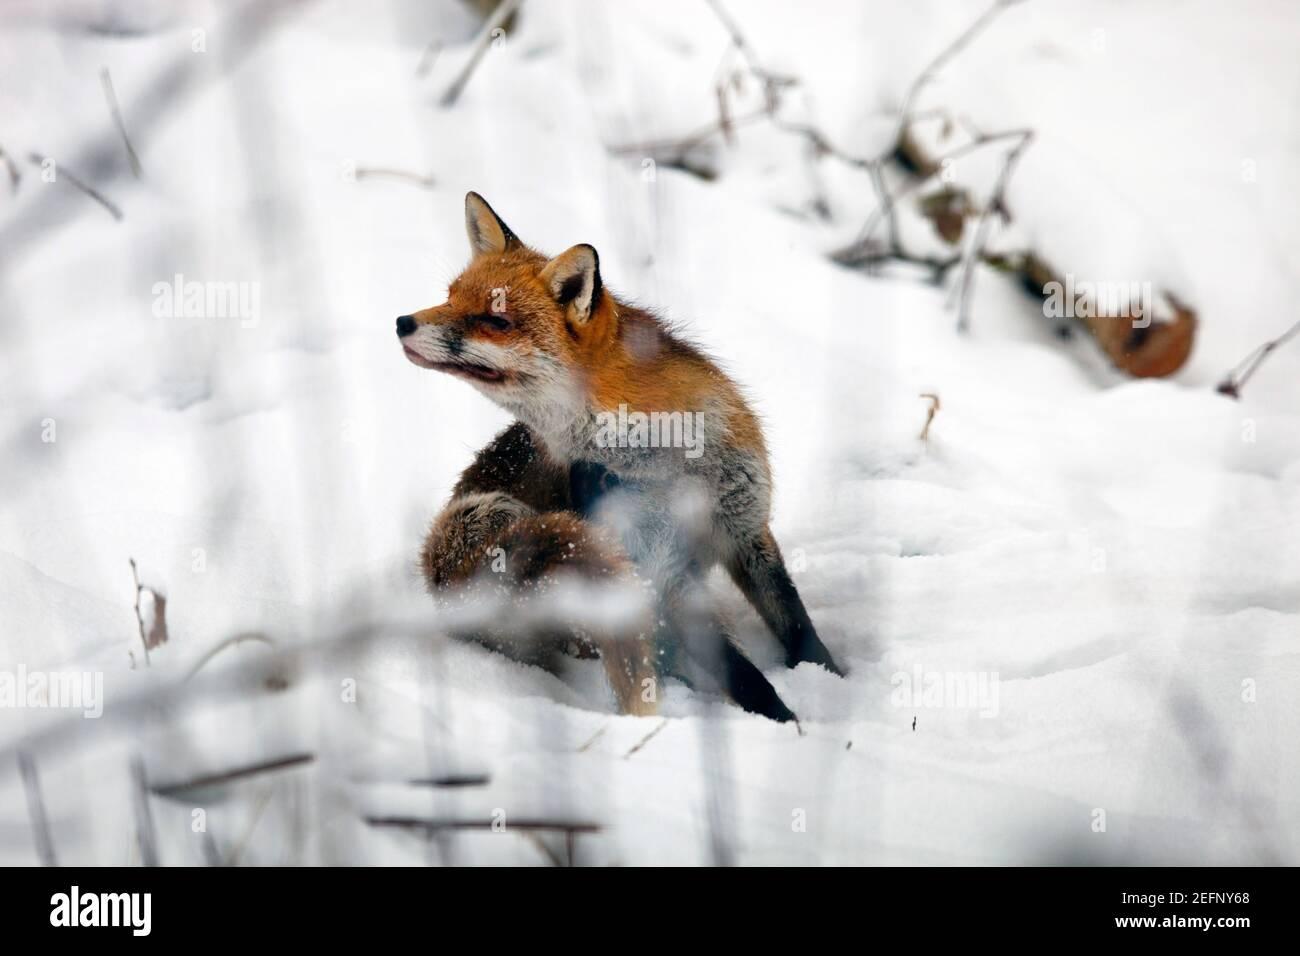 Un zorro ( vulpes vulpes ) sentado en el campo cubierto de nieve en Kent, Reino Unido, durante el invierno. Enero de 2021 Foto de stock